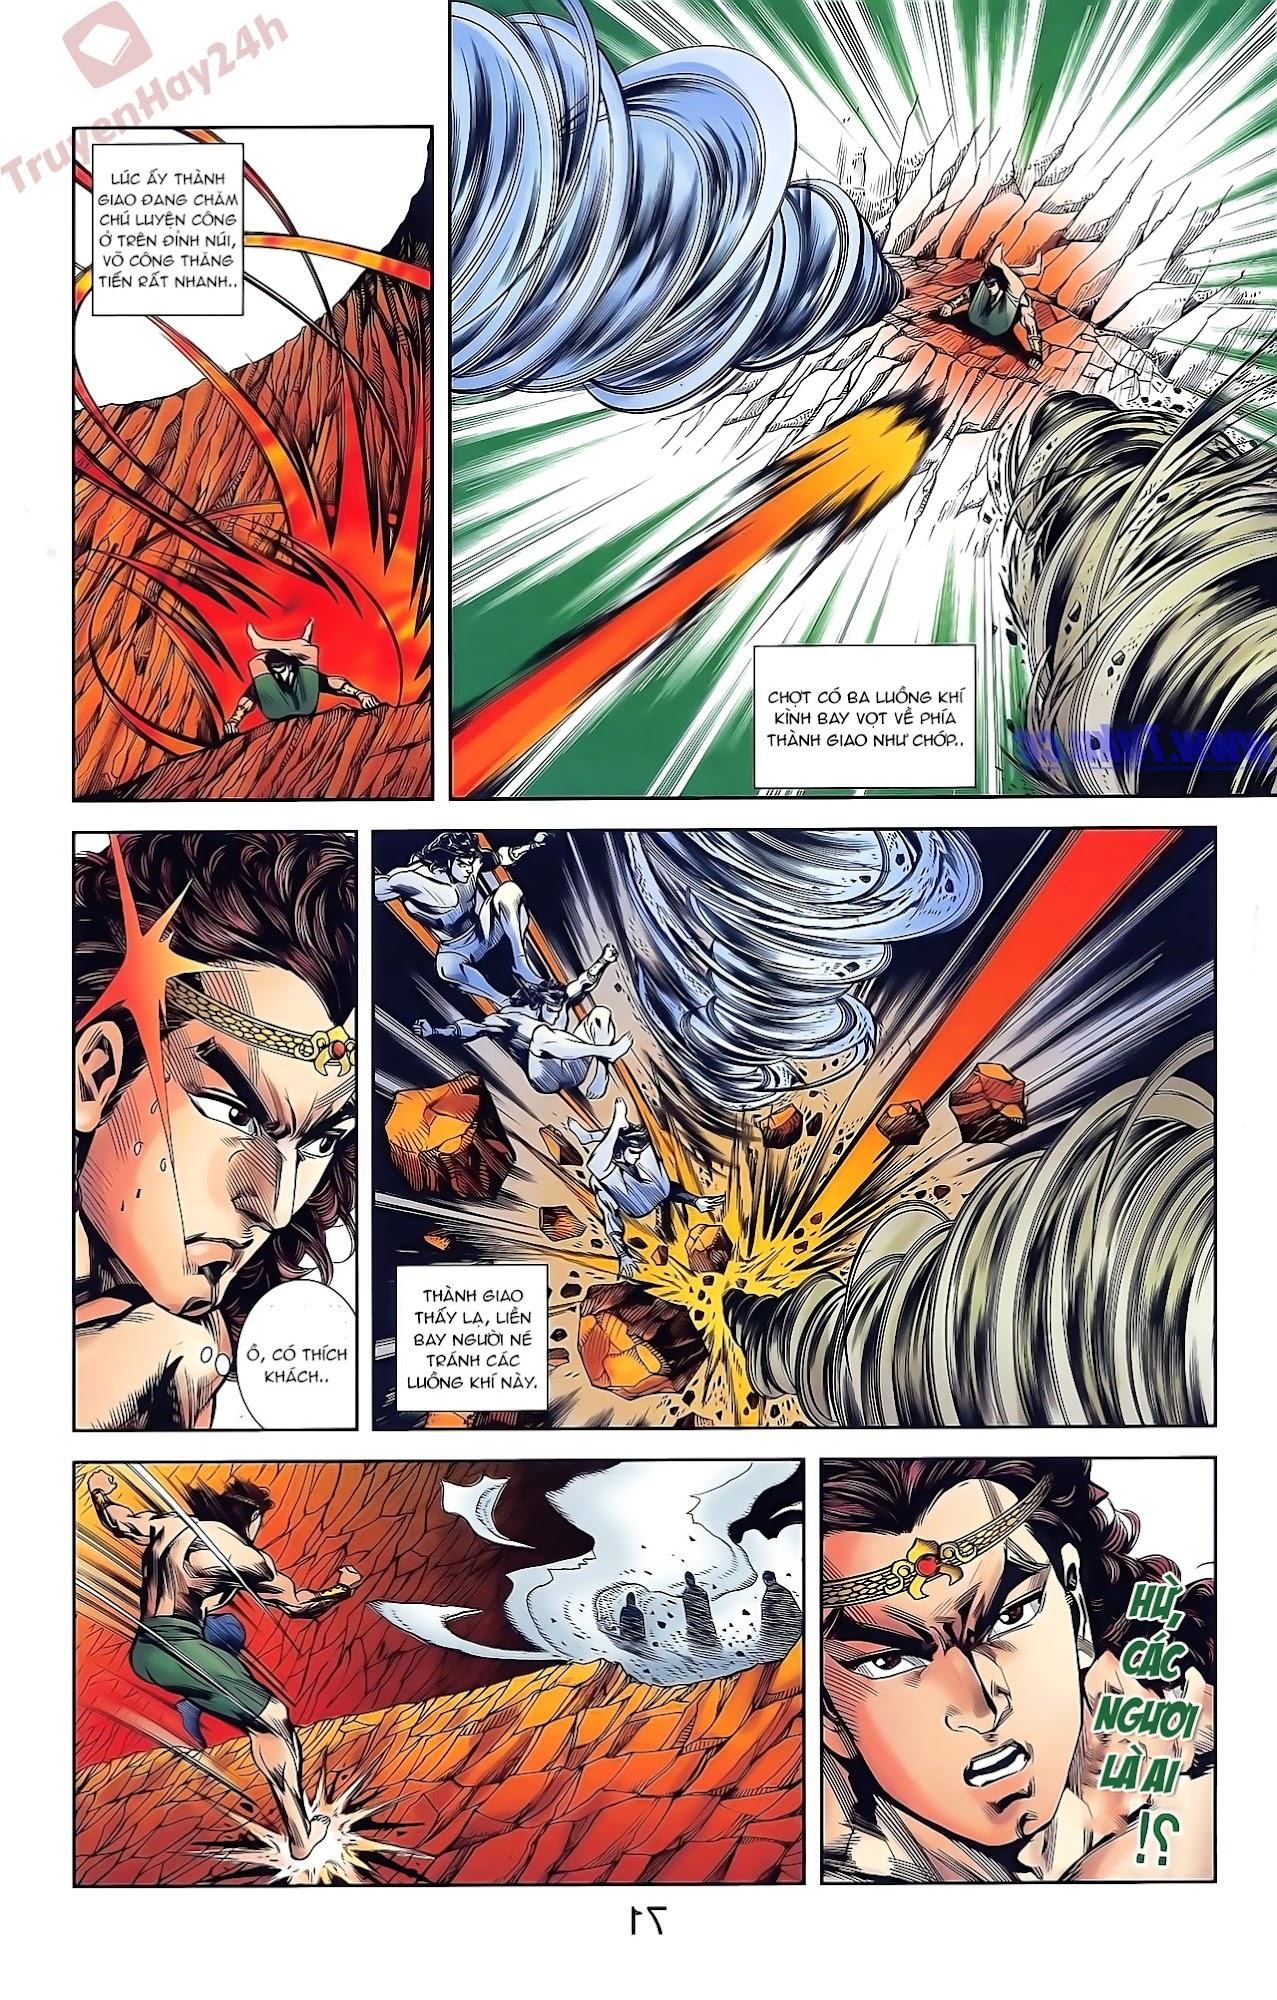 Tần Vương Doanh Chính chapter 44 trang 23